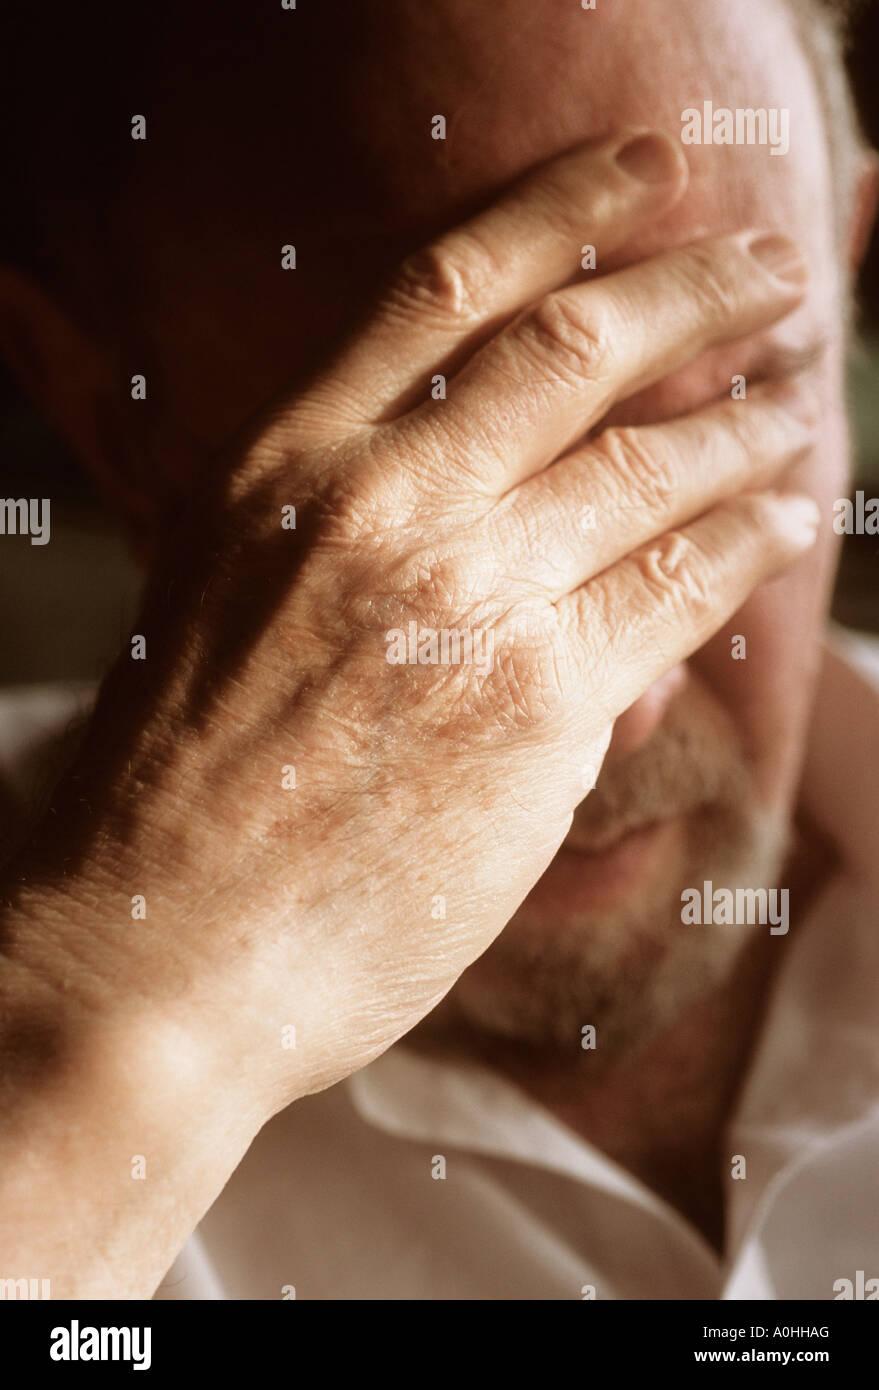 Nahaufnahme reifer Mann mit seiner Hand an den Kopf müde niedergeschlagen zeigen Schmerzen leiden unglücklich Stockbild